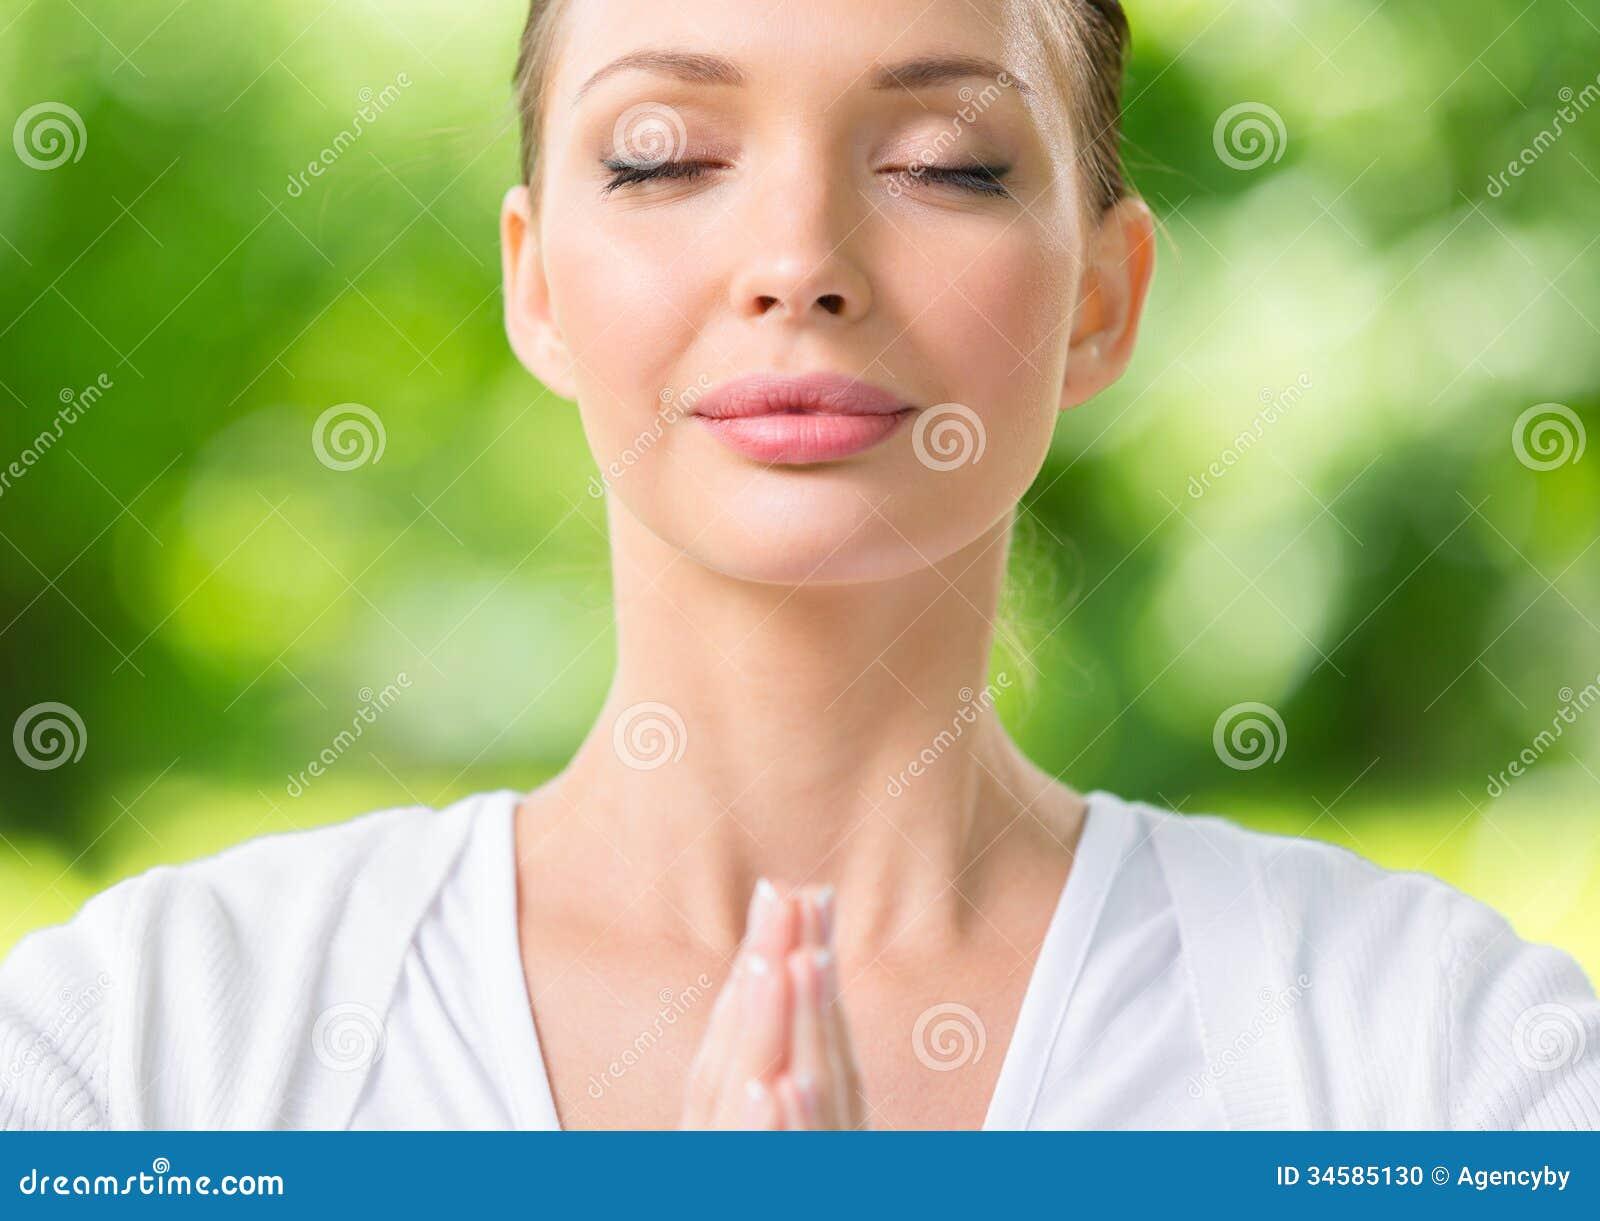 Stäng sig upp av kvinna med ögon stängt göra en gest för bön